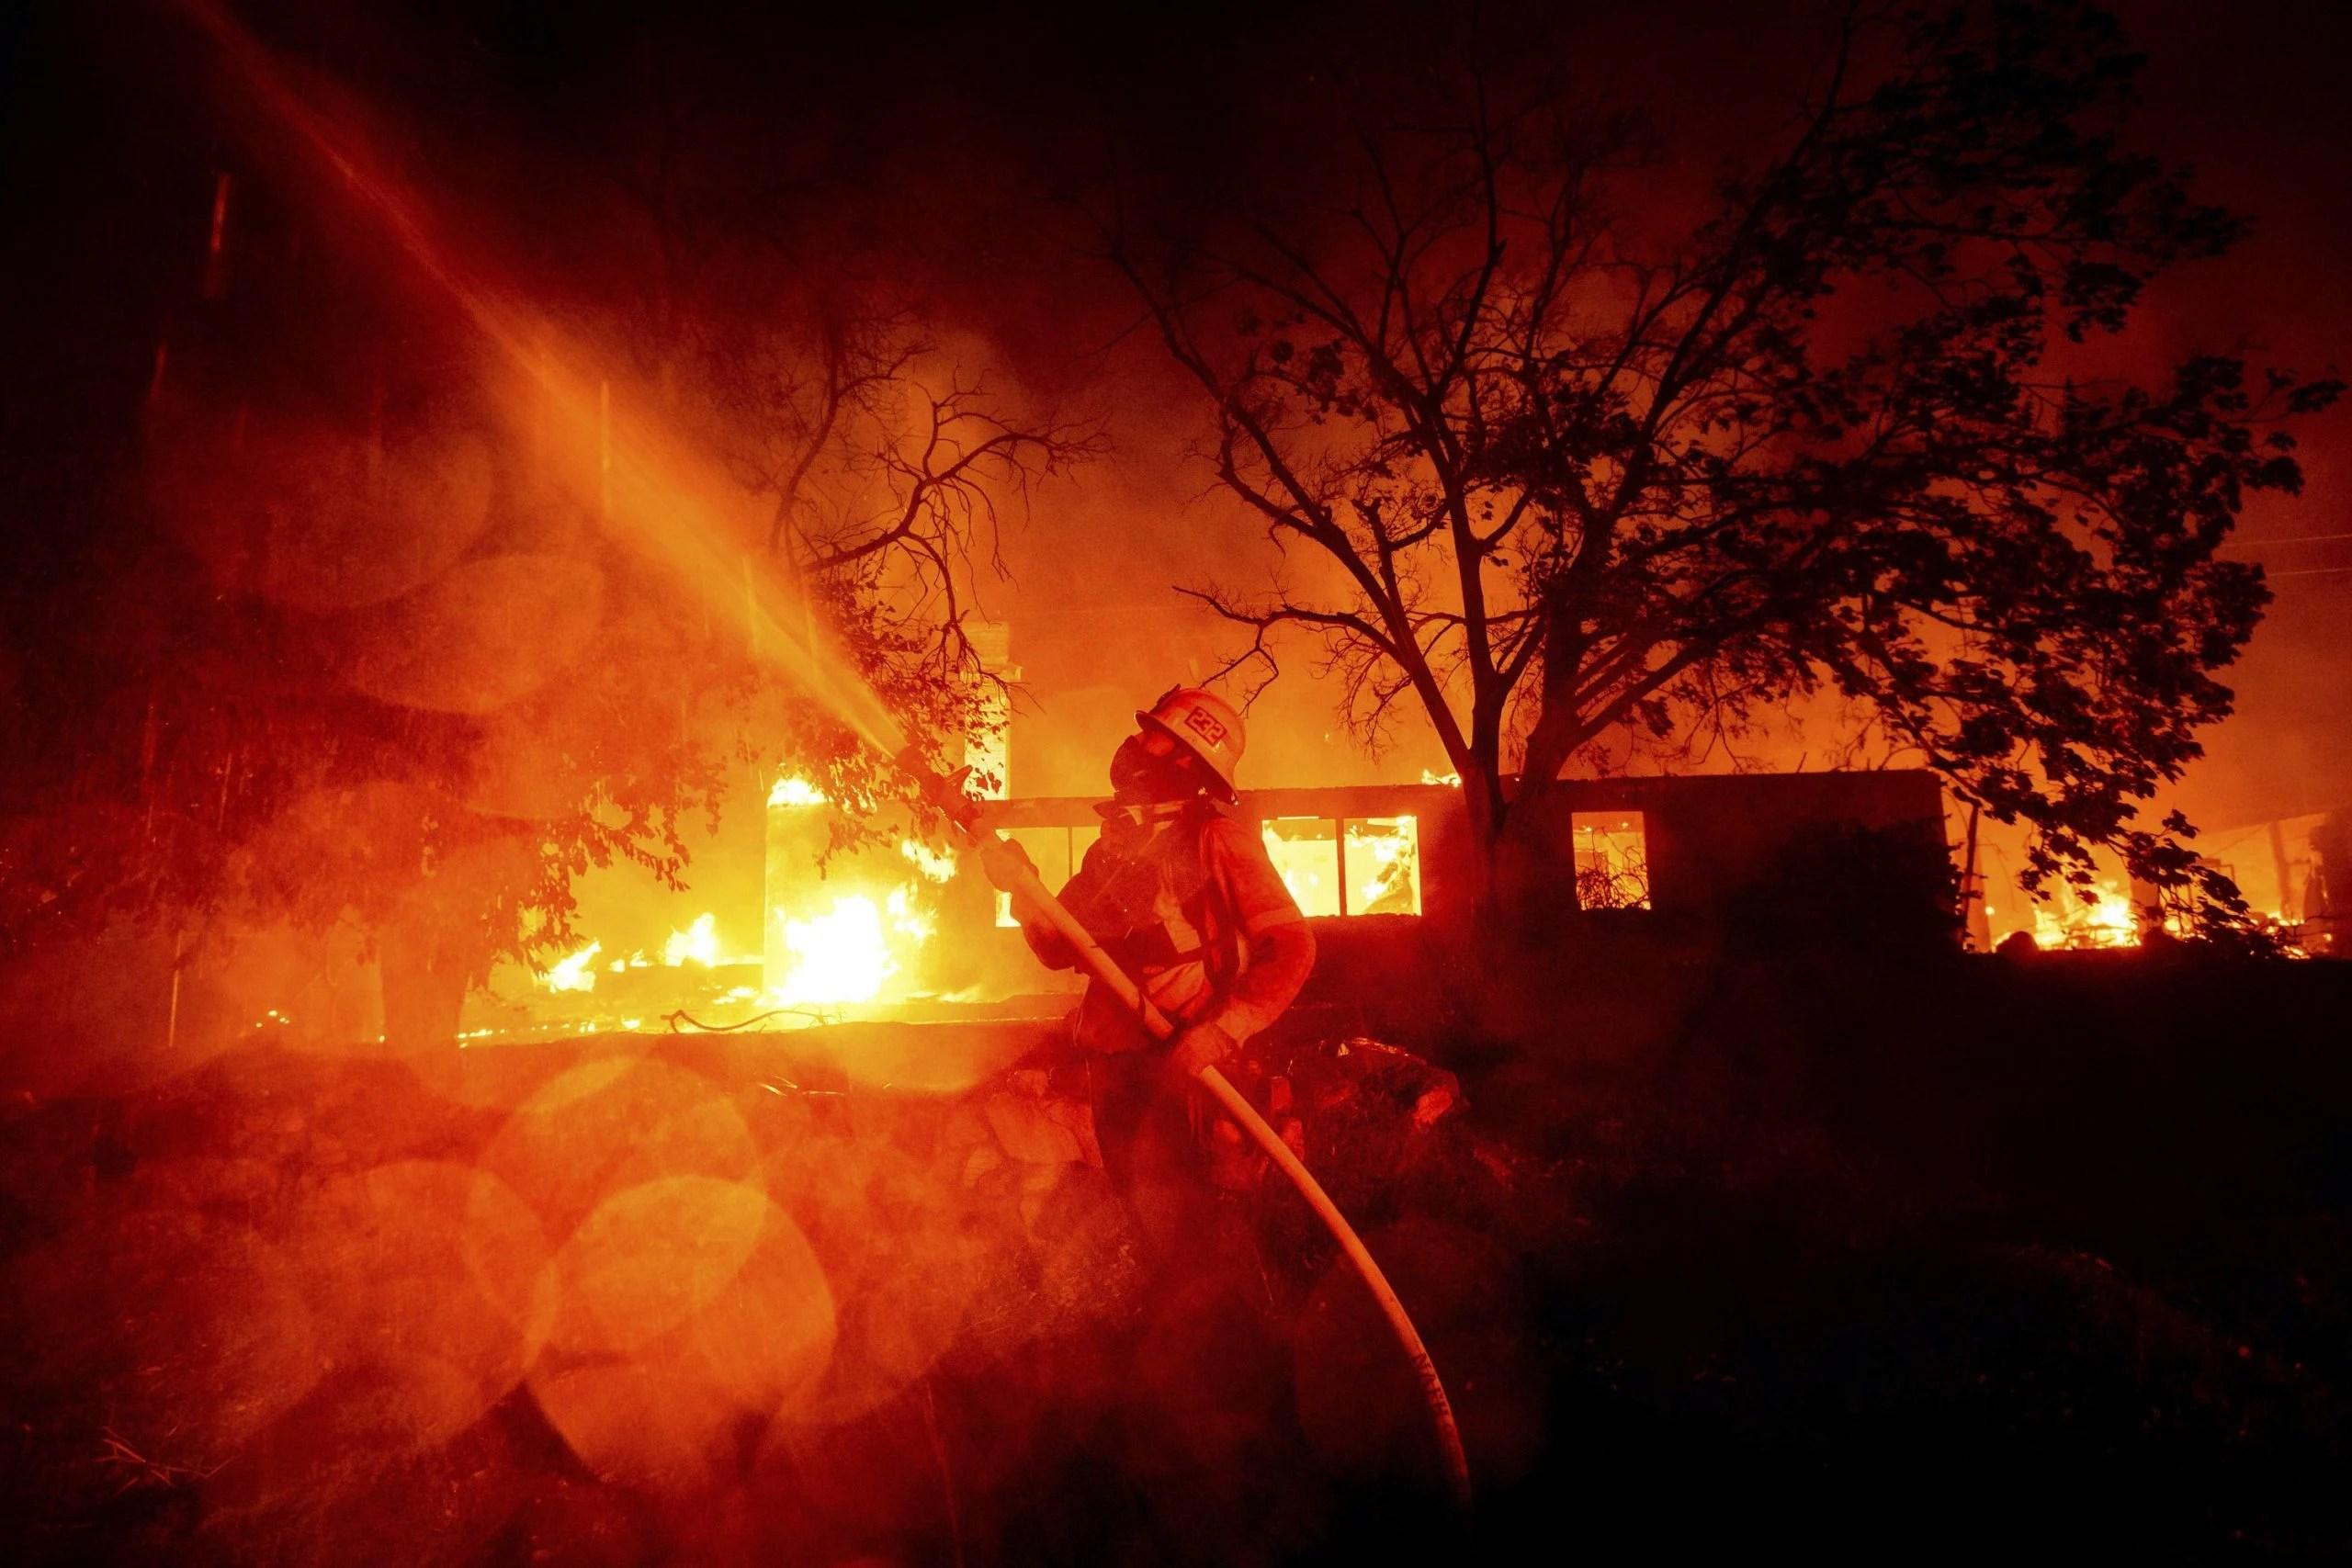 Los incendios forestales ya han arrasado un récord de casi 810 mil hectáreas de California este año, haciendo que sean los más extendidos registrados en EE.UU.